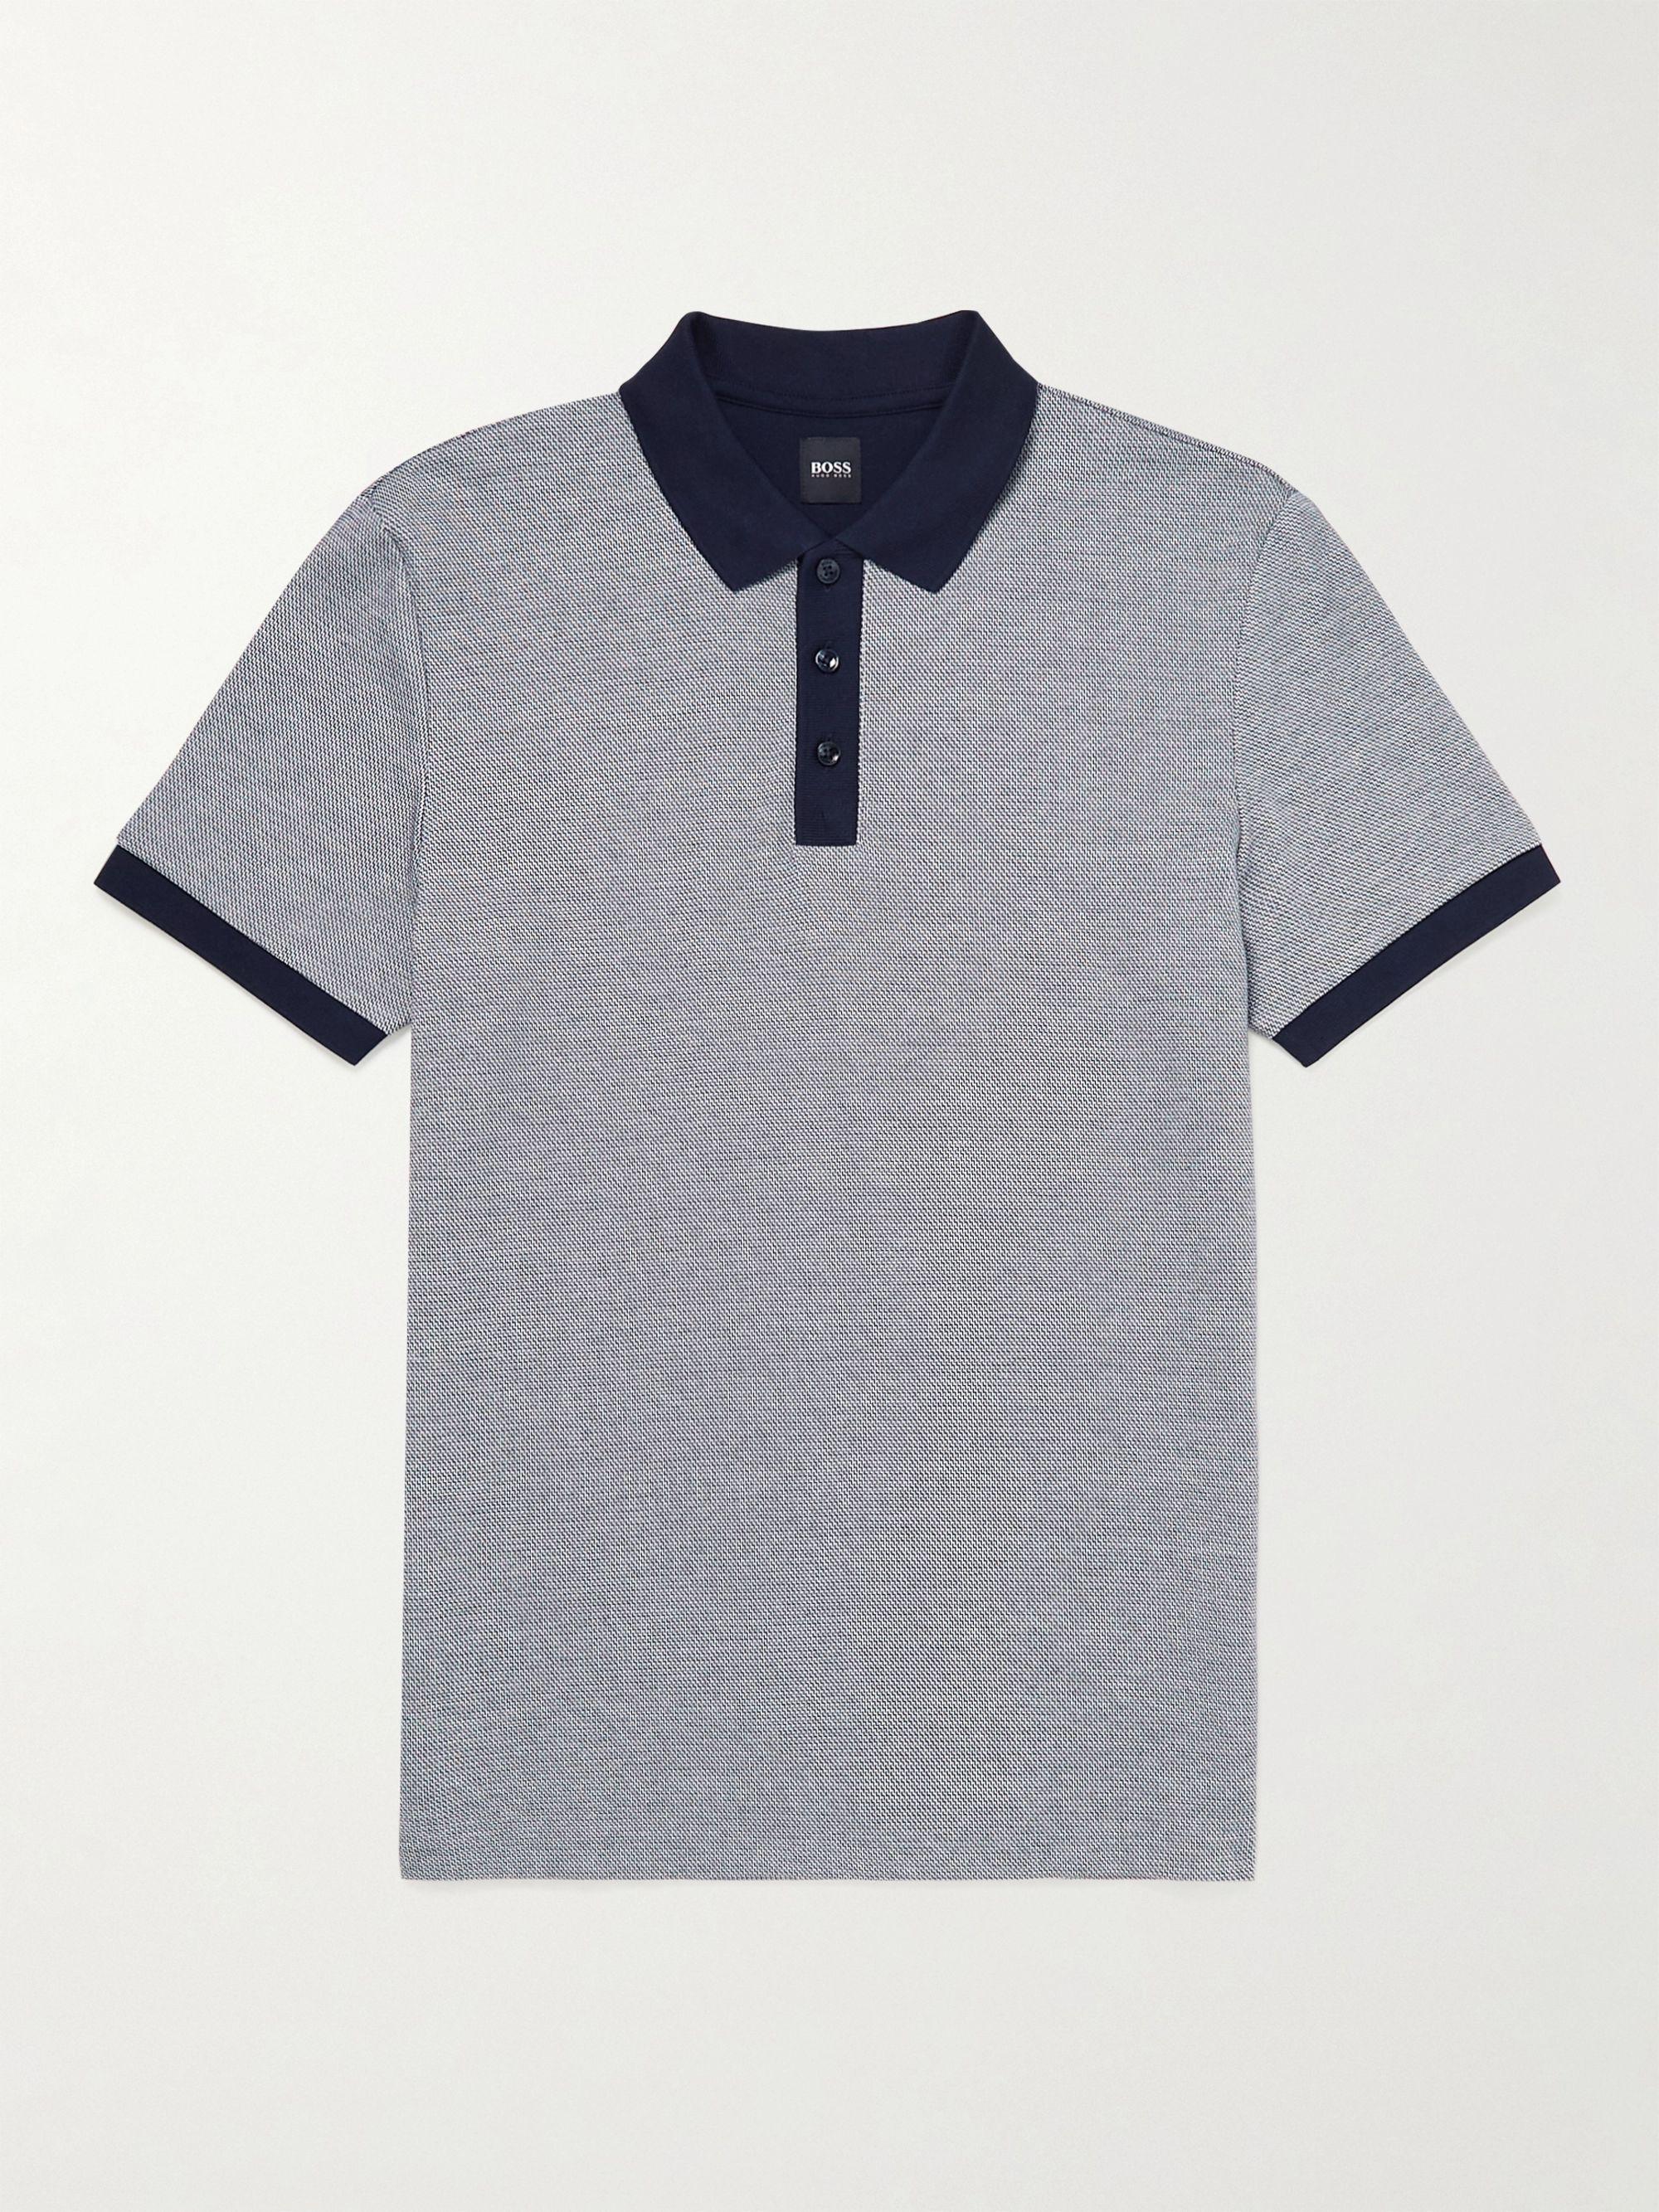 HUGO BOSS Two-Tone Cotton-Pique Polo Shirt